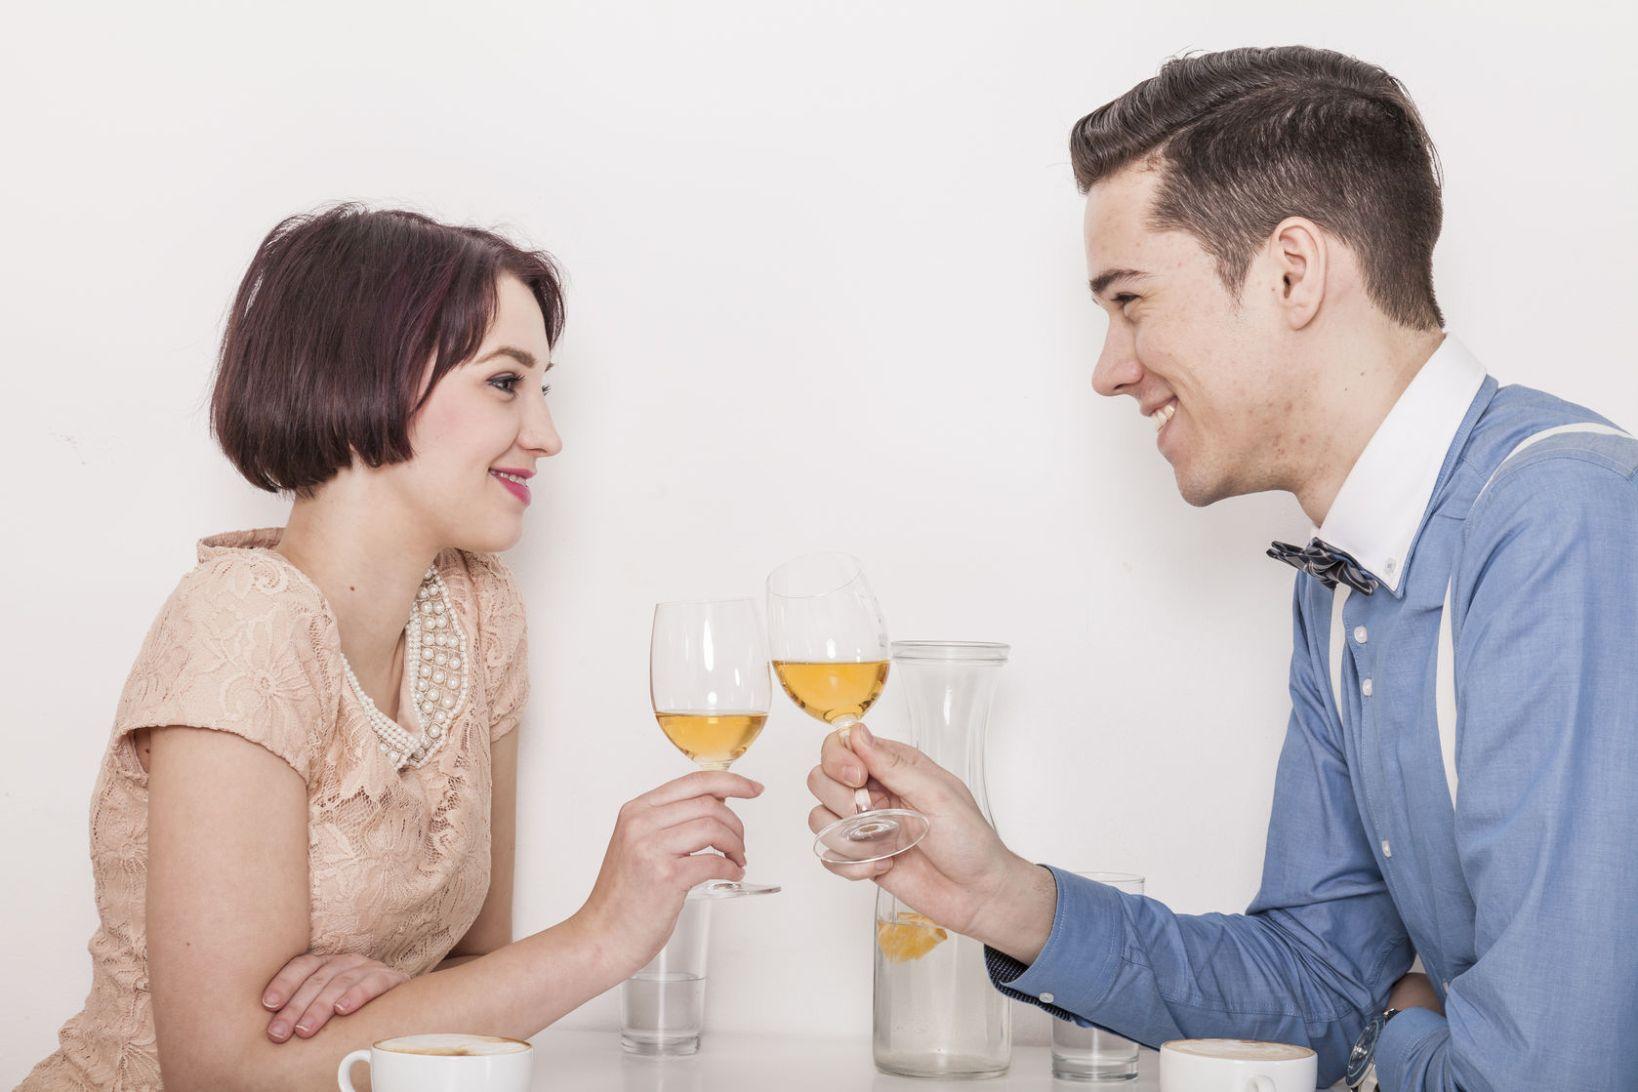 커피 vs 술, 소개팅할 땐 뭘 마시는 게 좋을까?